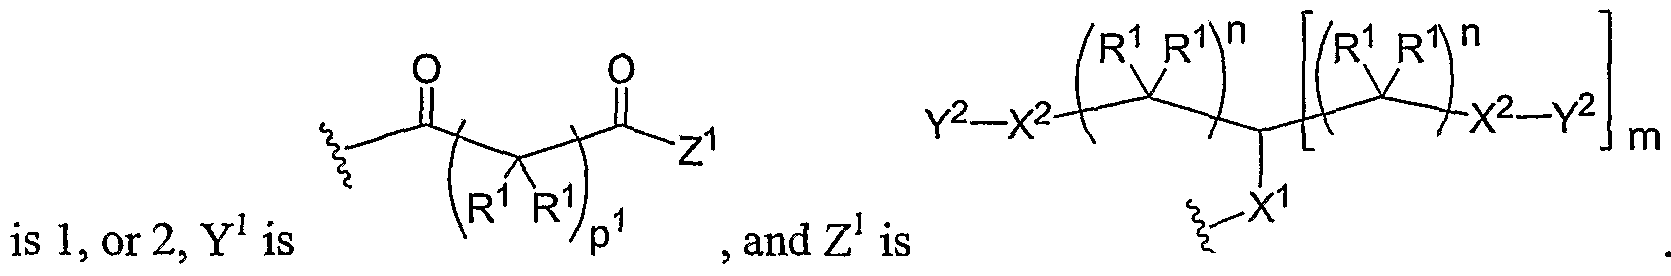 Figure imgf000174_0004